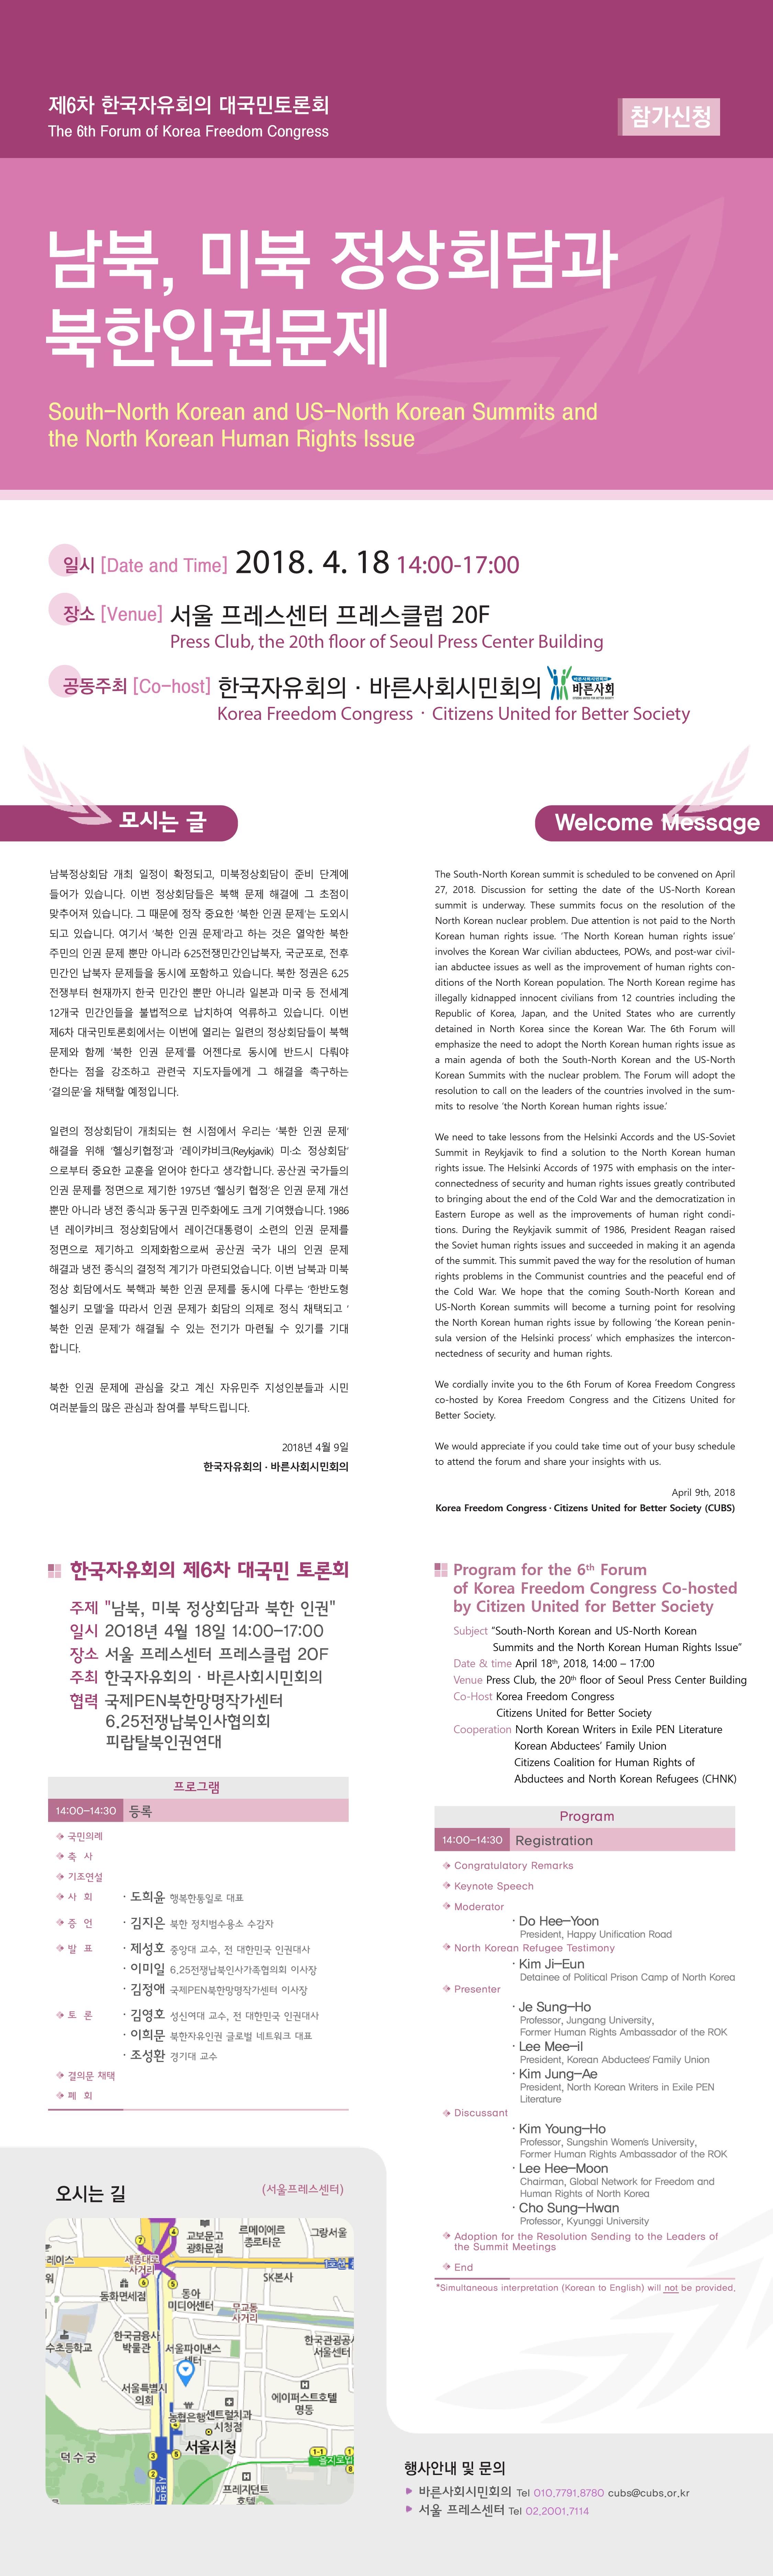 남북 미북 정상회담과 북한인권문제.jpg